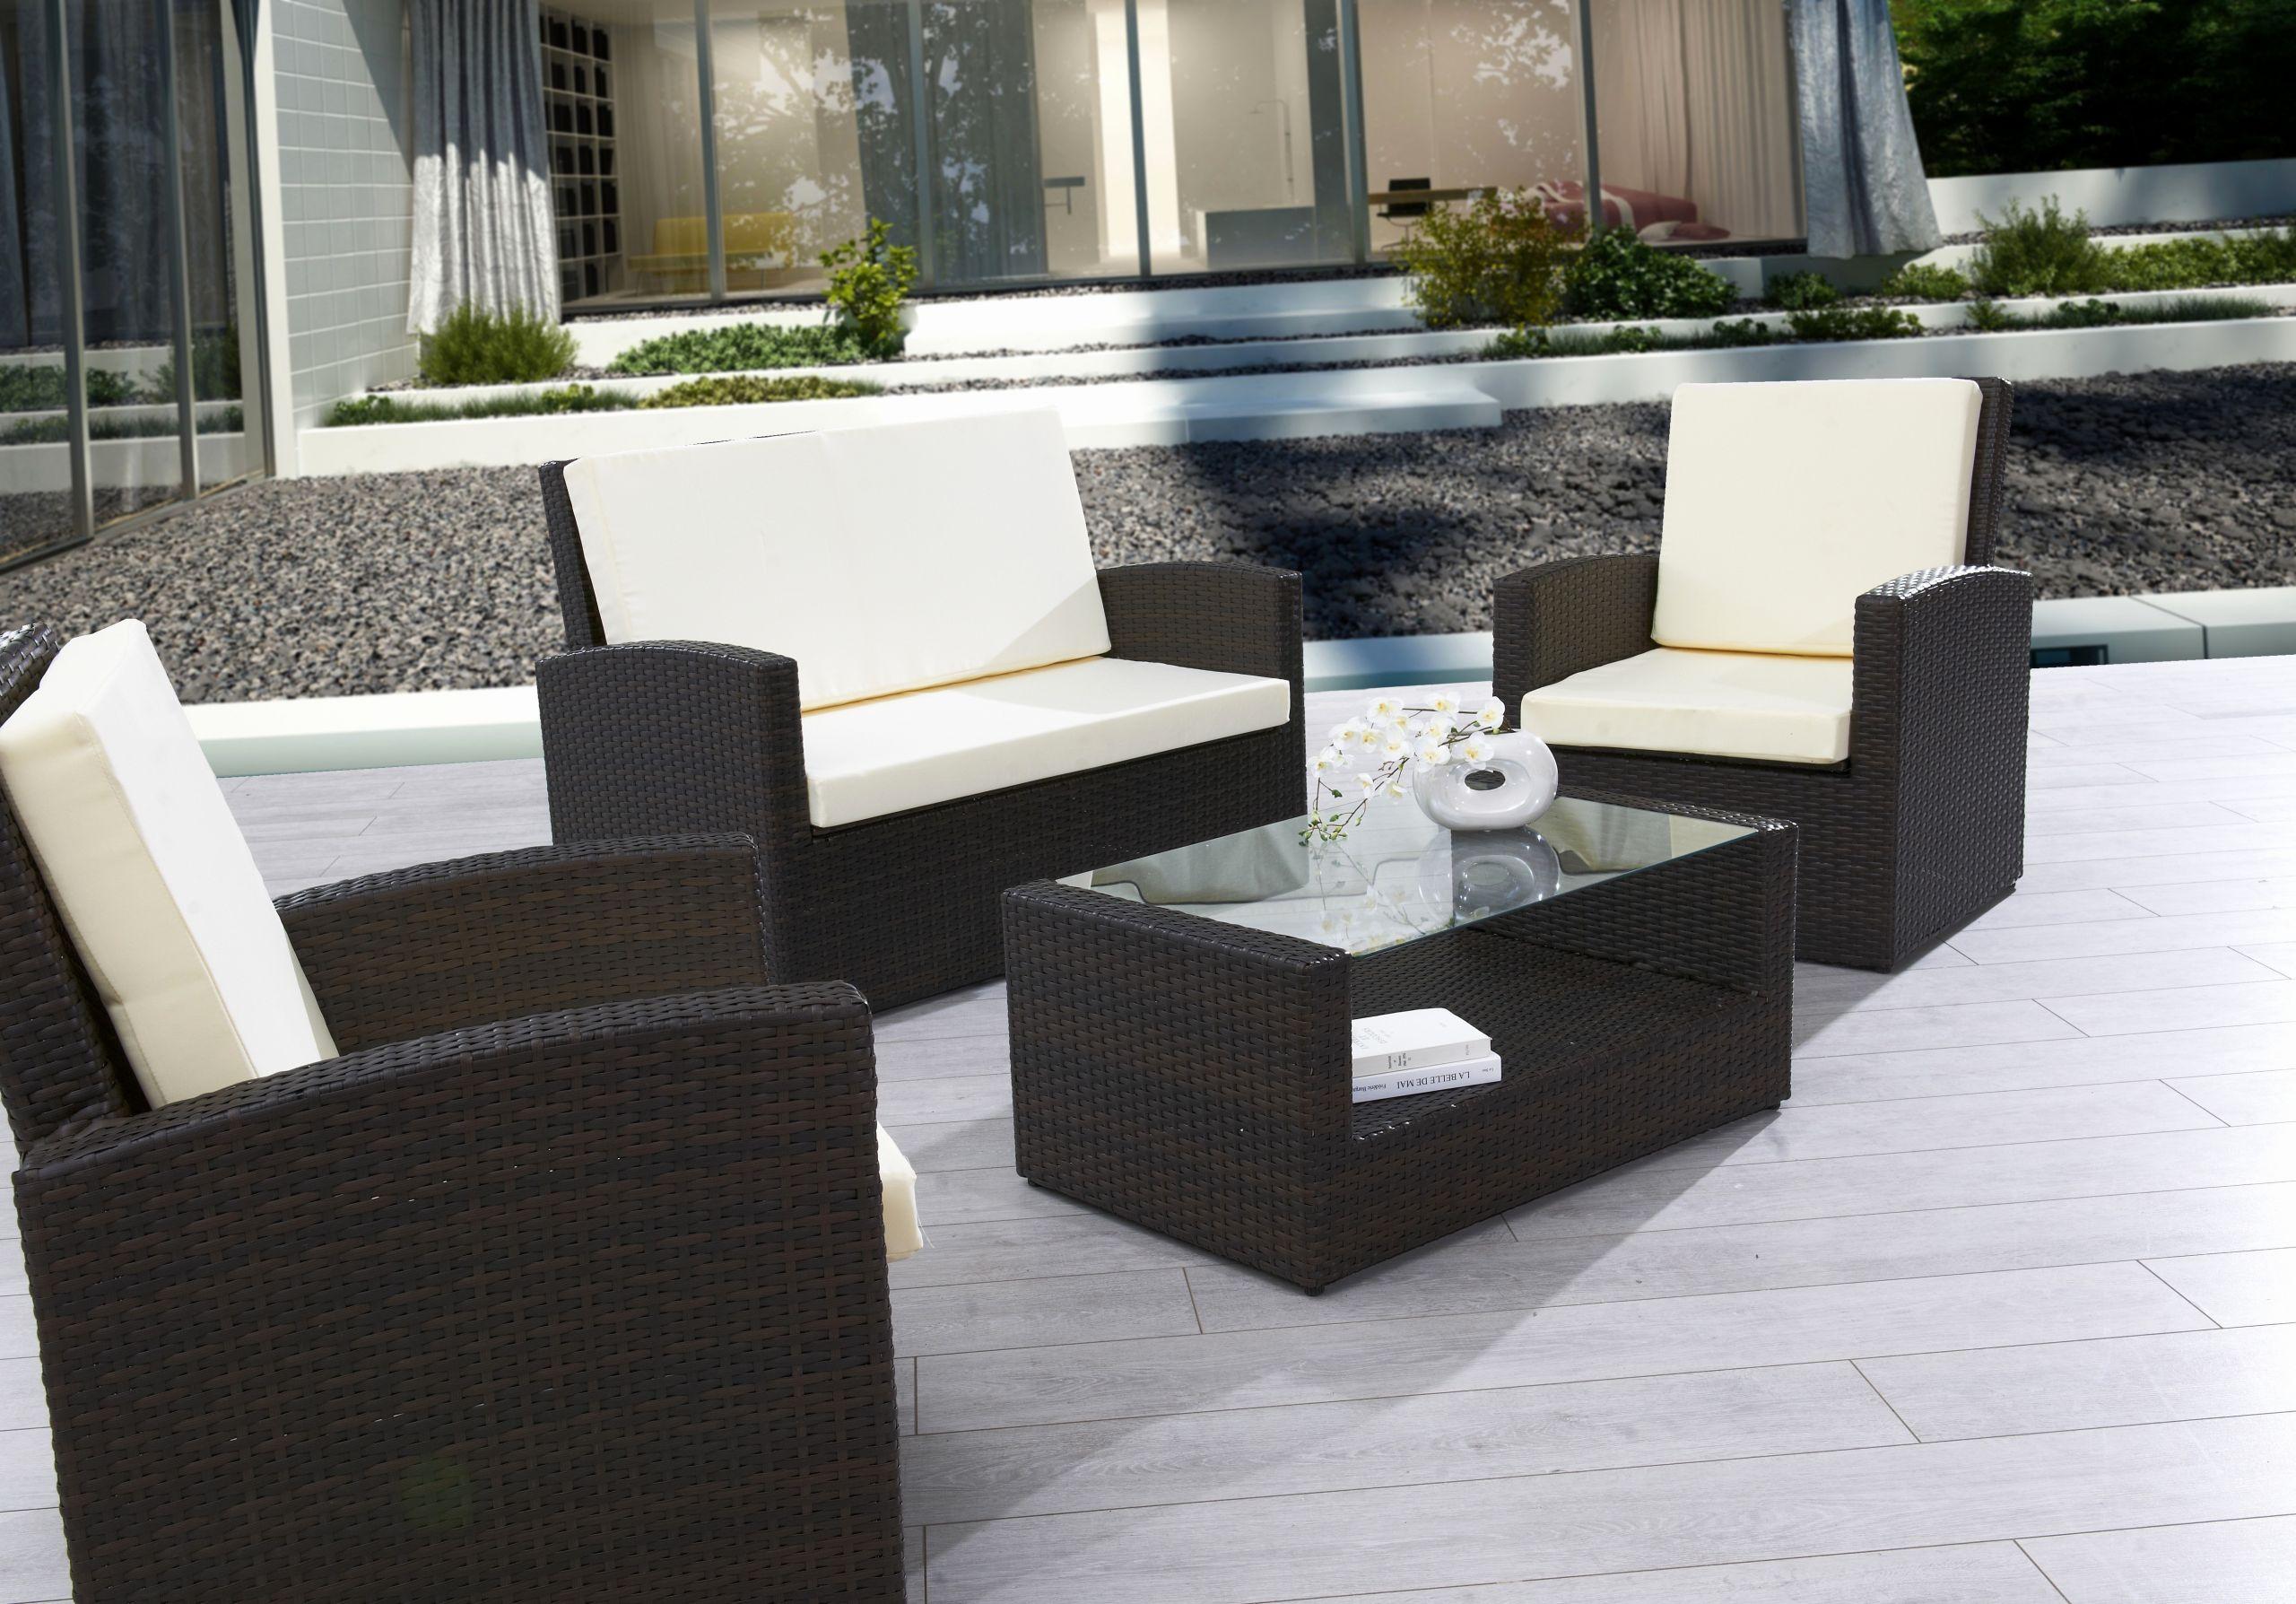 i mobilier de jardin inspirant chaise chambre coussin dematelas bain soleil i mobilier de jardin luxe angers best matelas elegant pergola 0d image les idees of